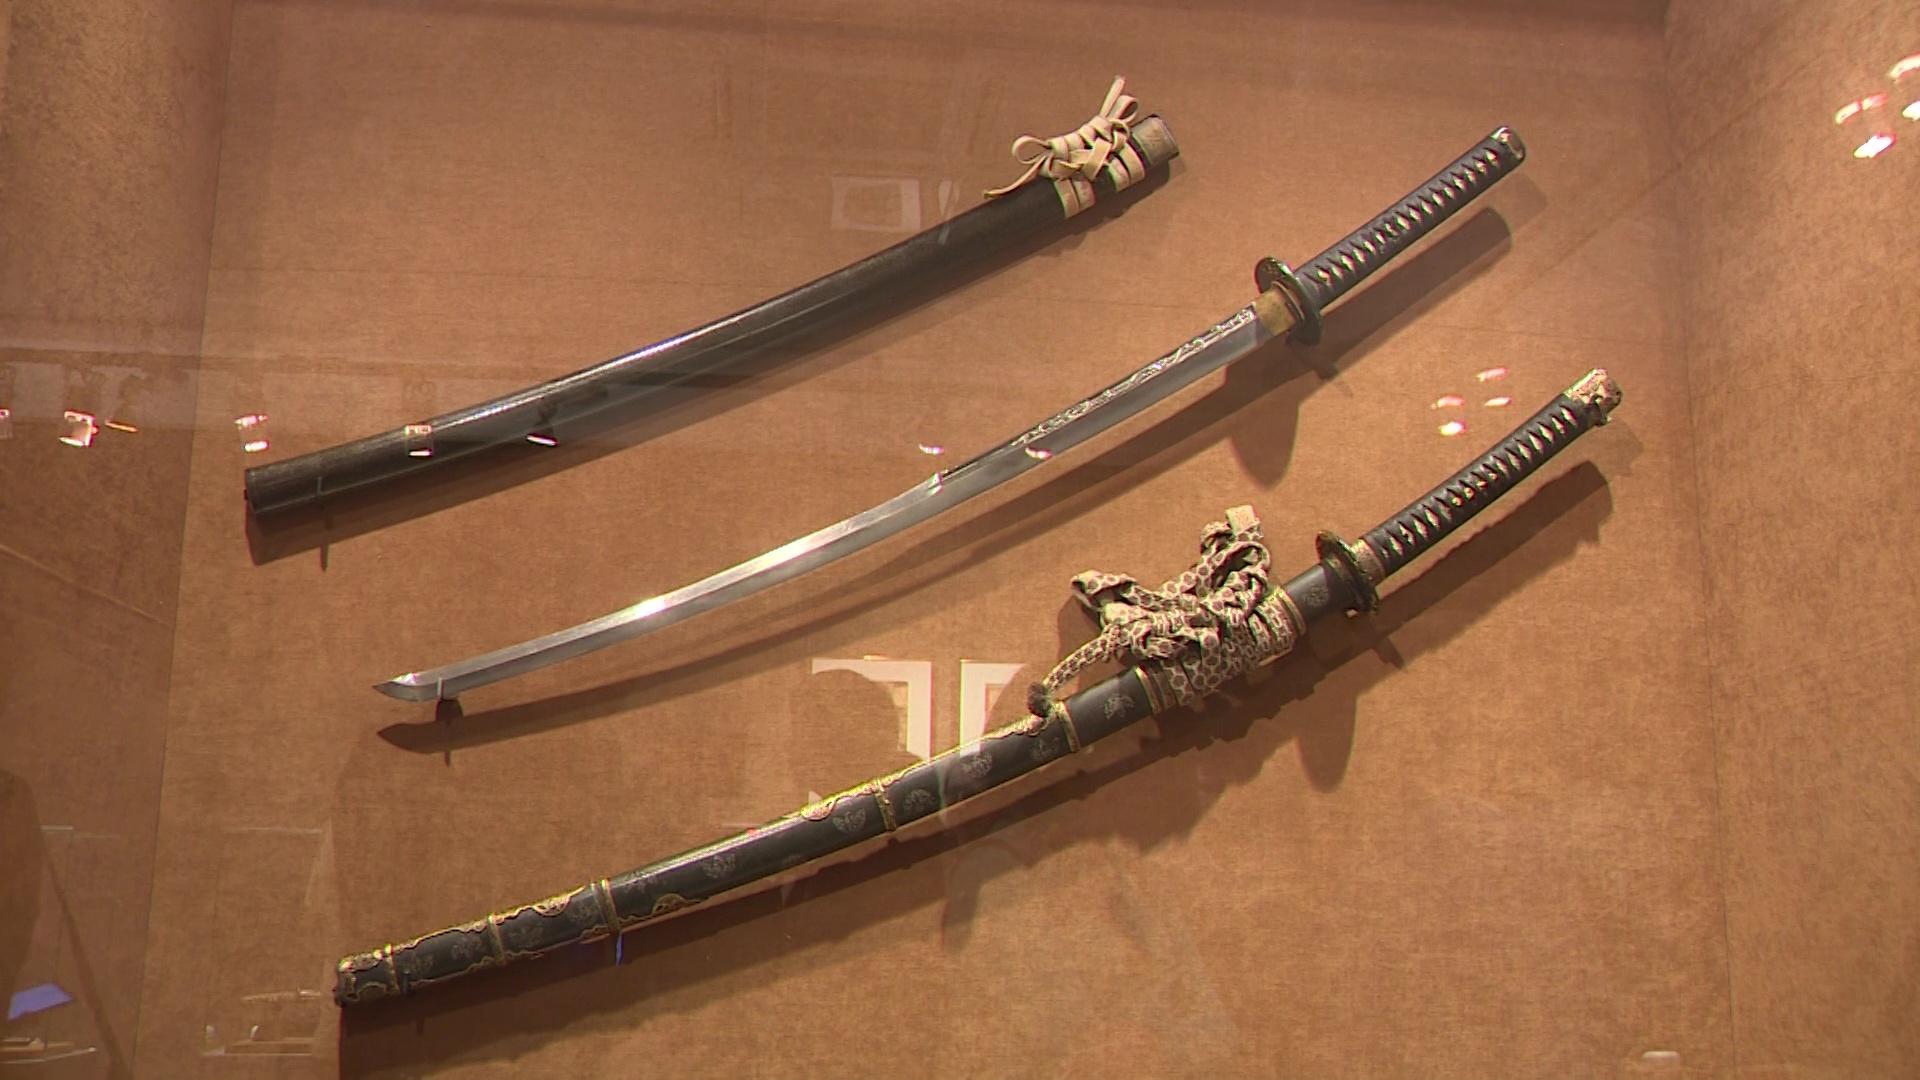 Меч из хвоста дракона и стремена-зверьки: в Ярославле открылась выставка, посвященная самураям